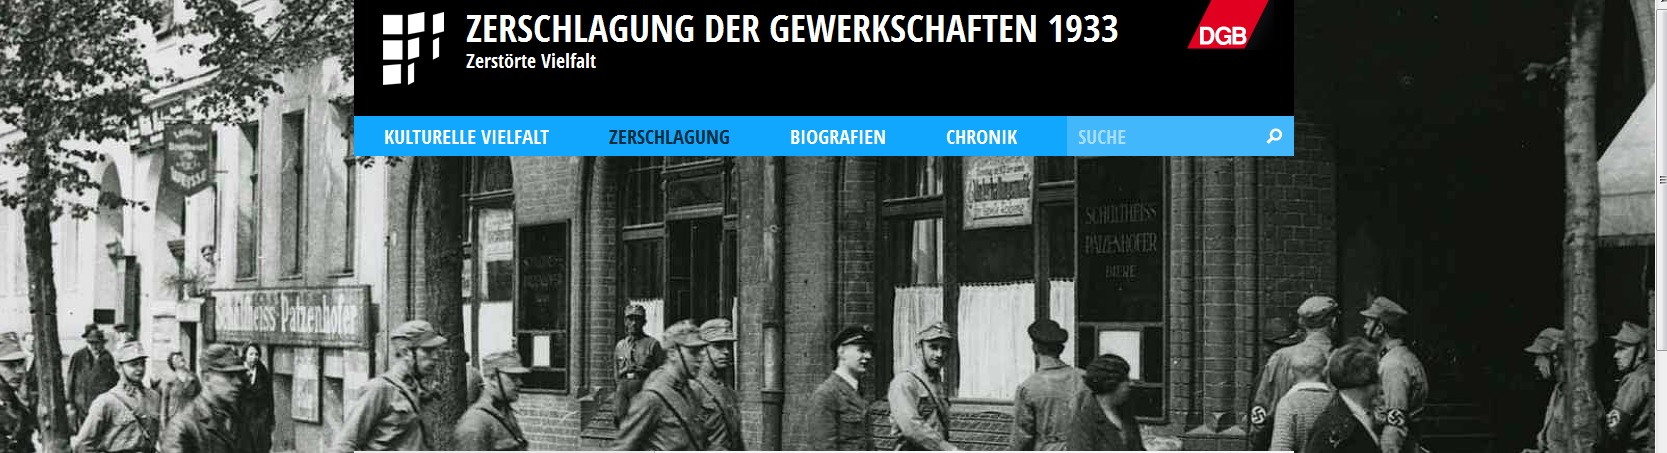 Die Internetseite erinnert erst mal nur an die Vorgänge in Berlin (Bild: Eigener Screenshot)